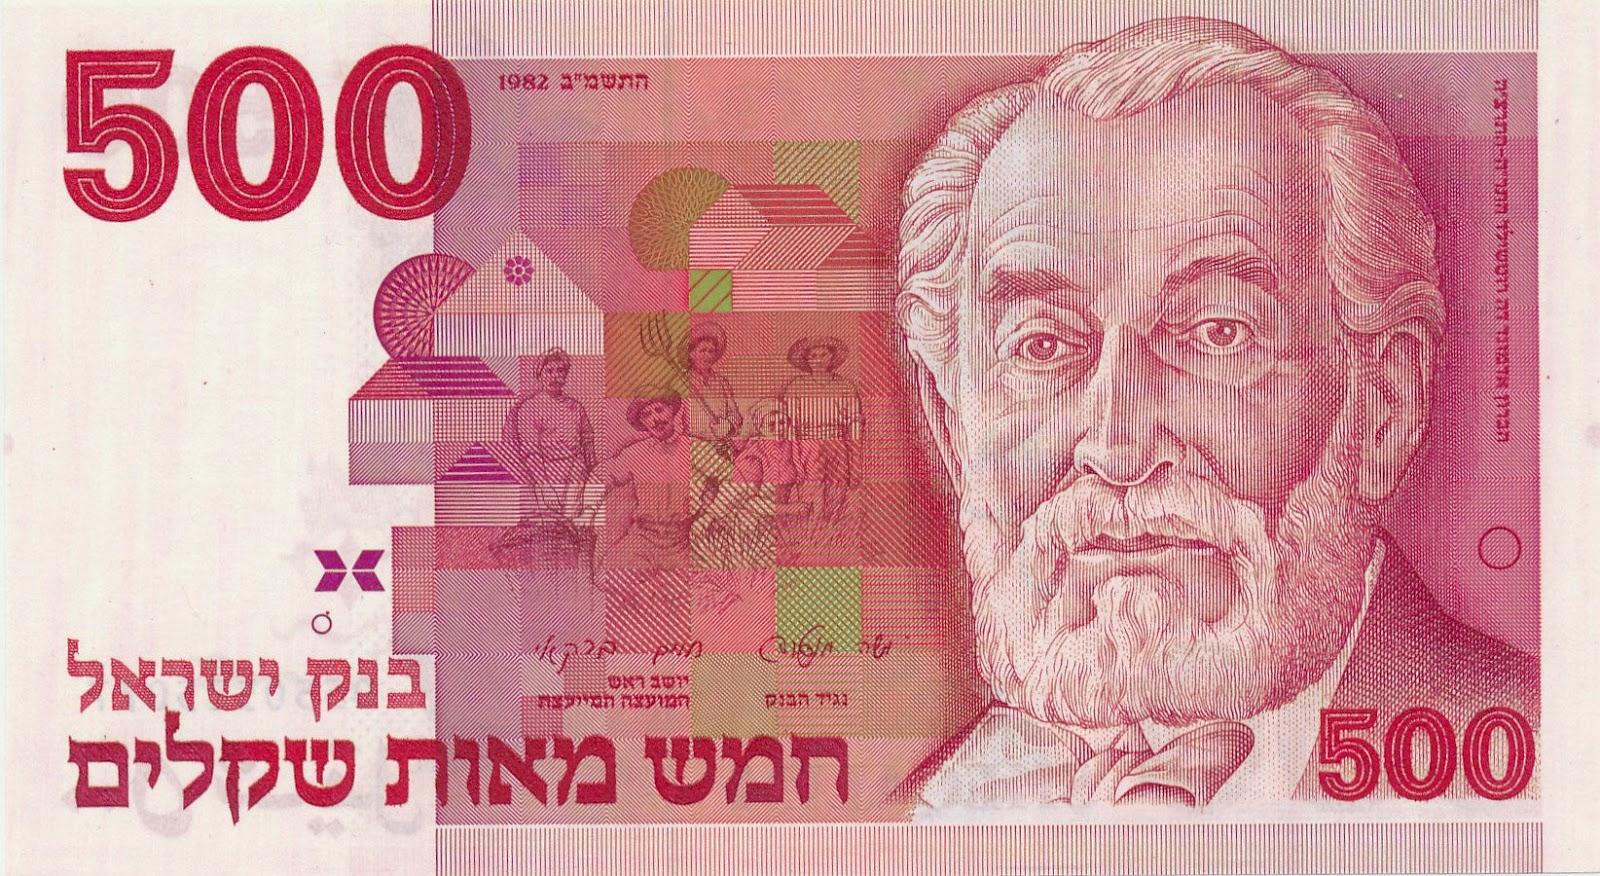 دور البارون روتشيلد باحتلال فلسطين